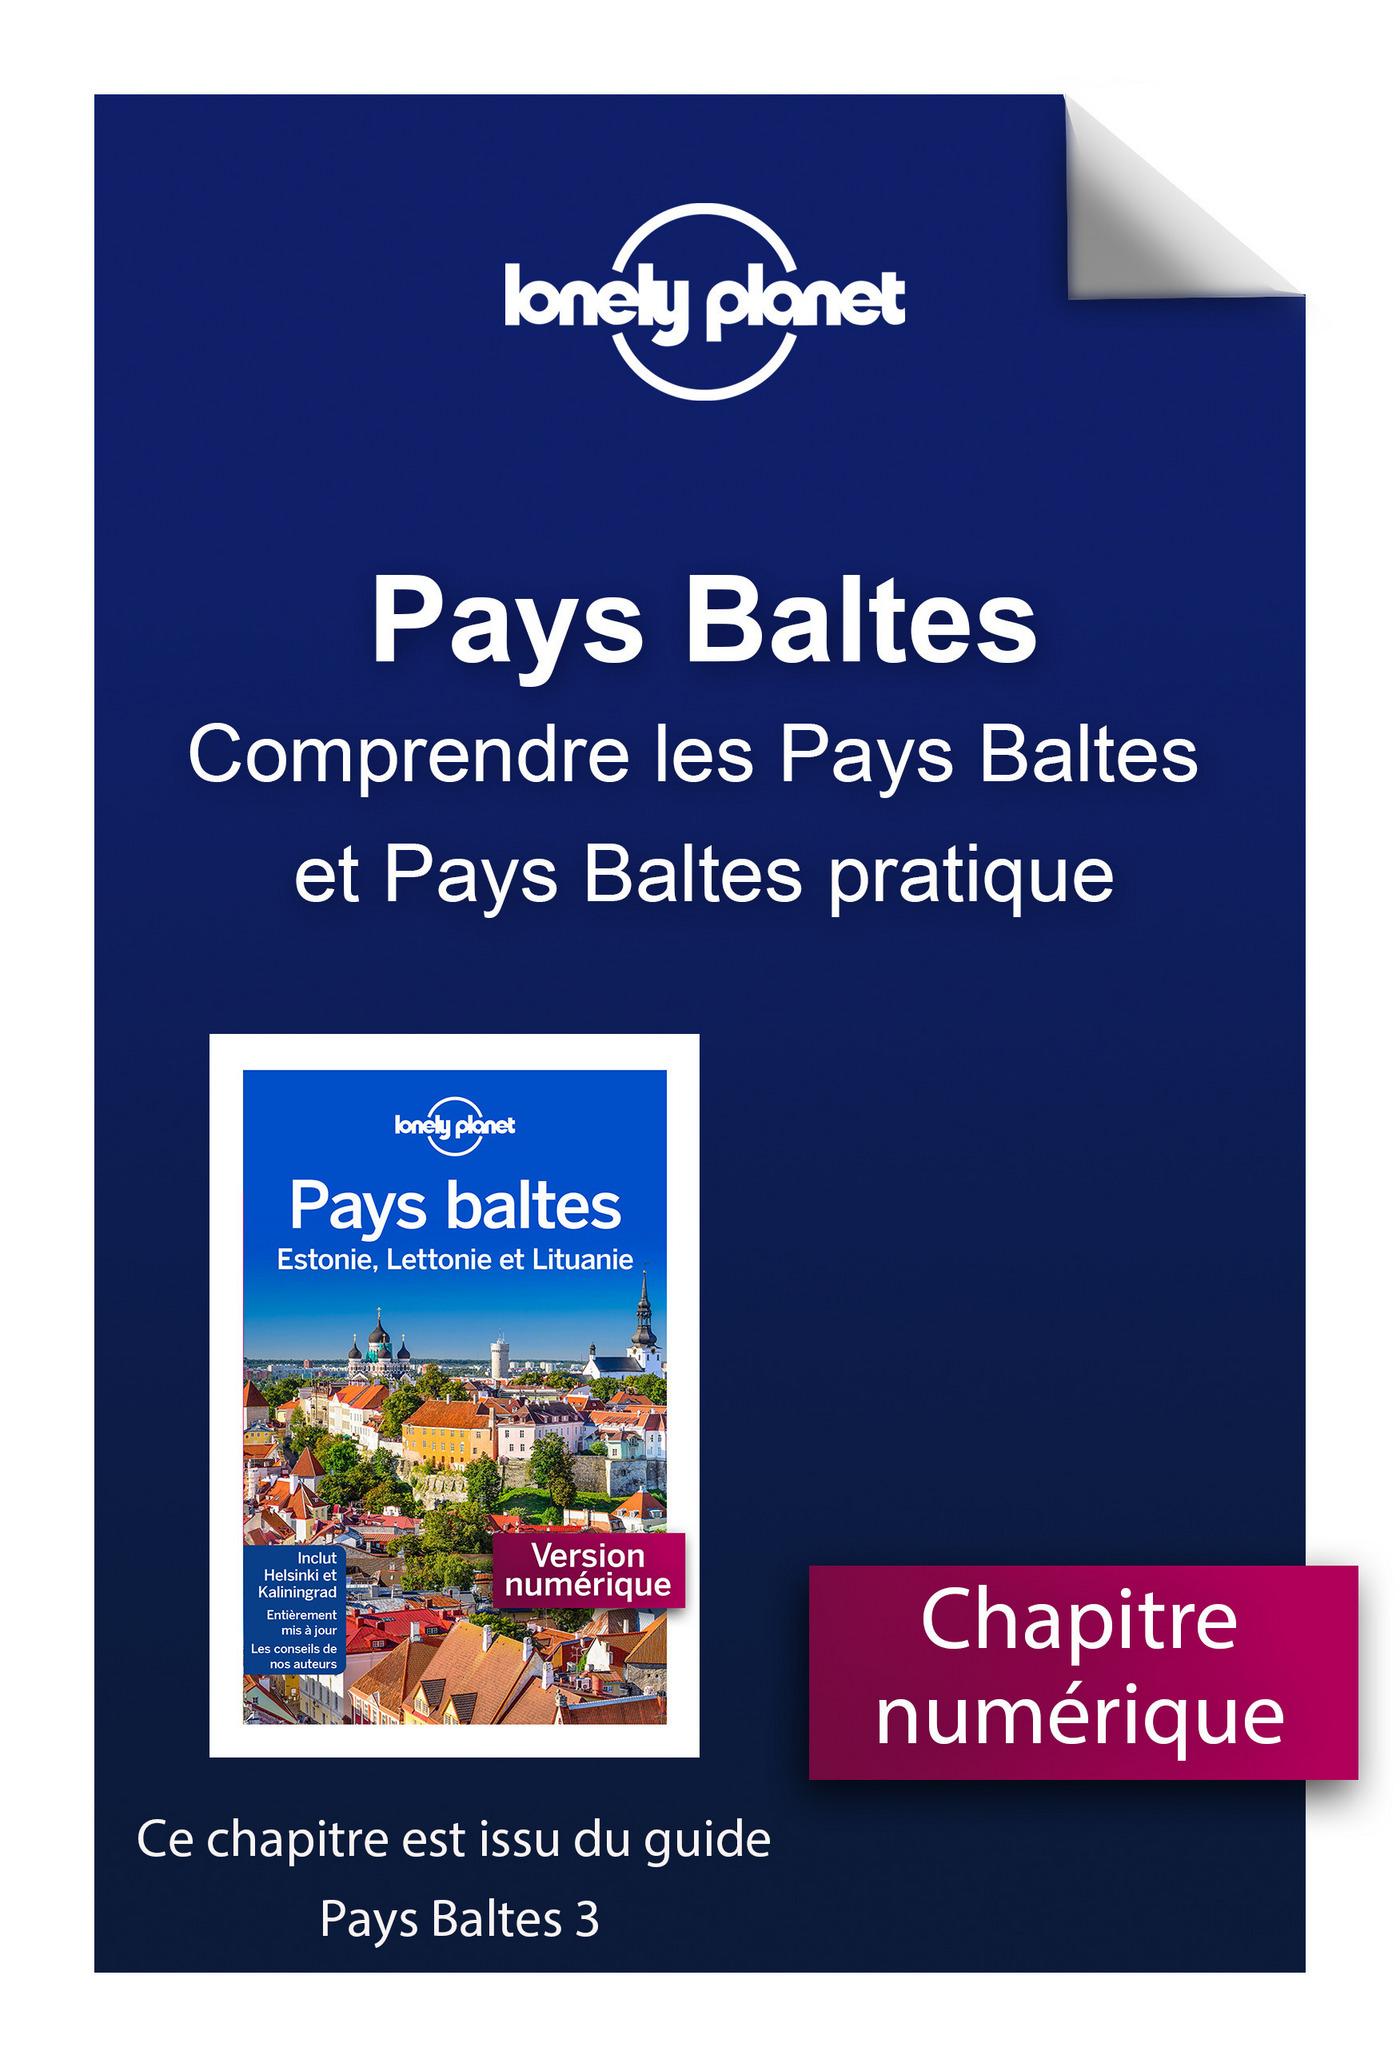 Pays Baltes - Comprendre les Pays Baltes et Pays Baltes pratique